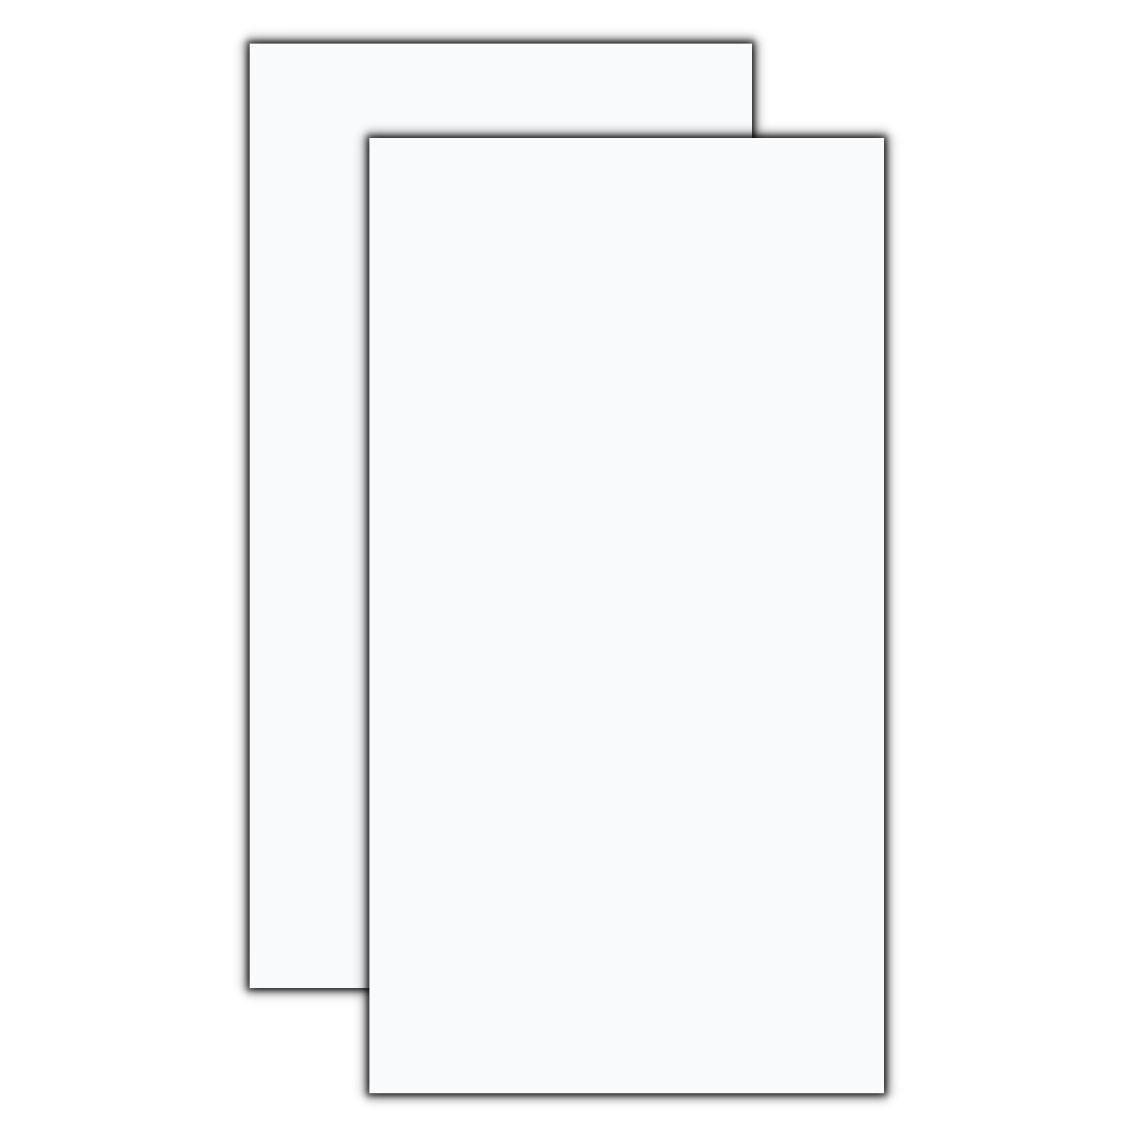 Evidence Bianco Brilhante 35x70 cm <br /><b>R$ 64,90 M² </b><br />Cx 1,96 M² <b> R$ 127,20</b>